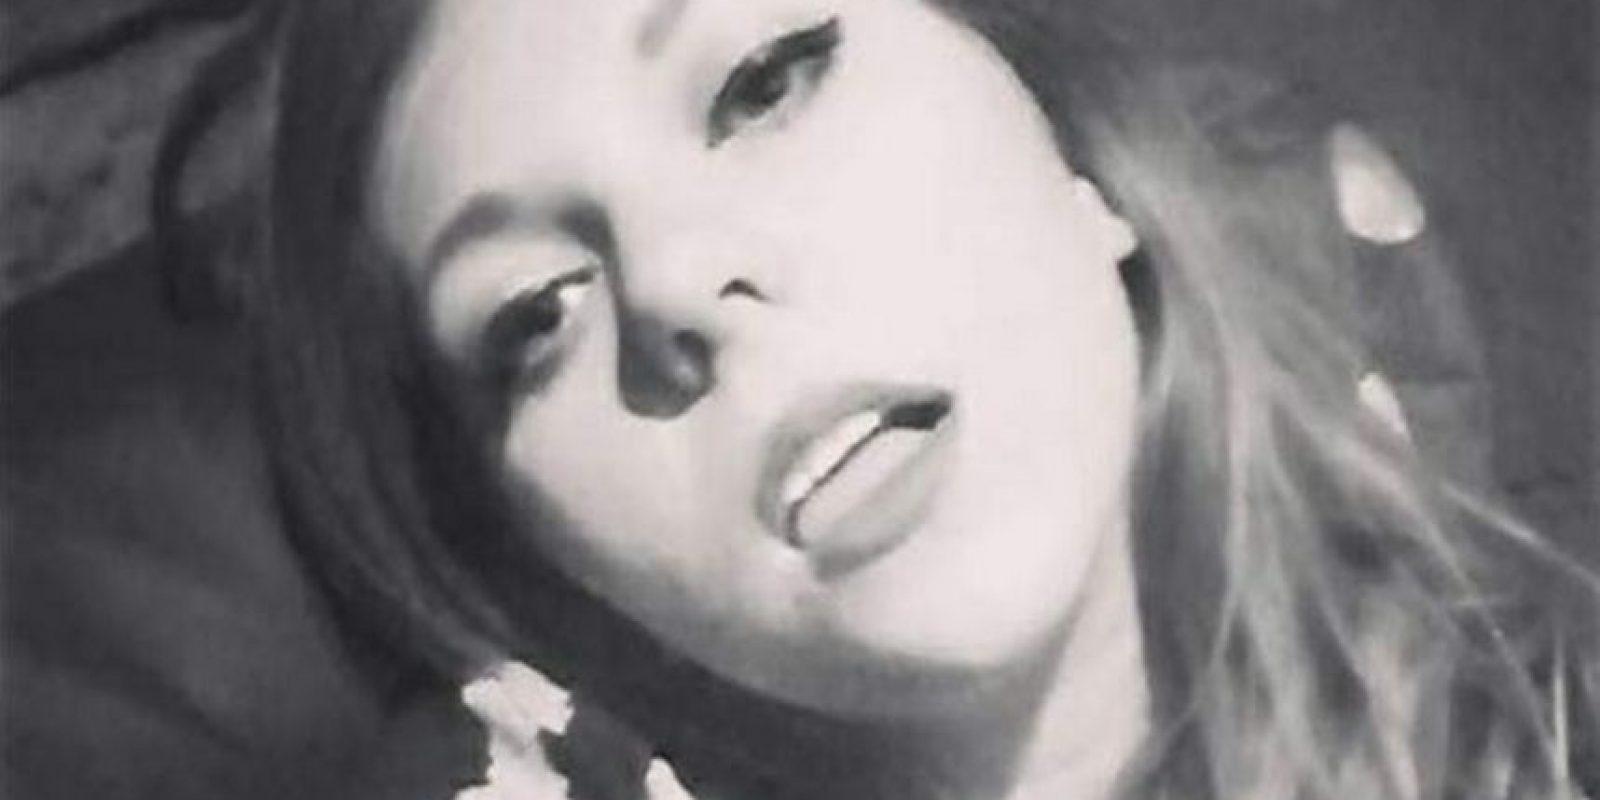 El pasado 11 de junio, autoridades de Playas de Tijuana, México, encontraron dos cuerpos desmembrados dentro de una casa Foto:Facebook/Anastasia Lechtchenko Masney